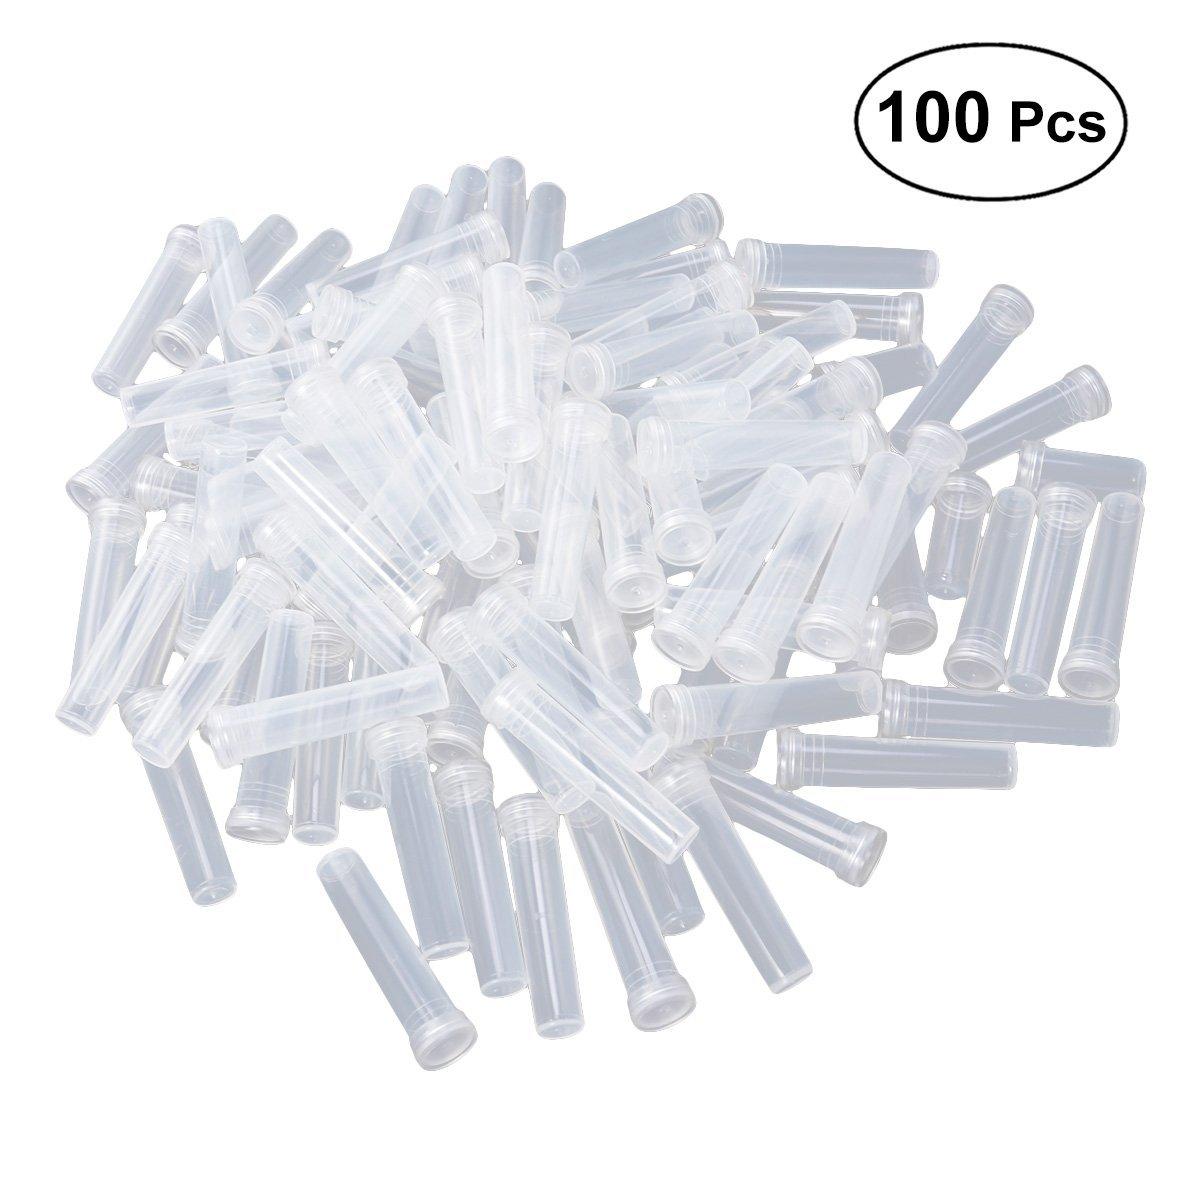 Healifty Acqua floreale Tubi provette di plastica trasparente fiale con tappi per composizioni floreali - 100pz